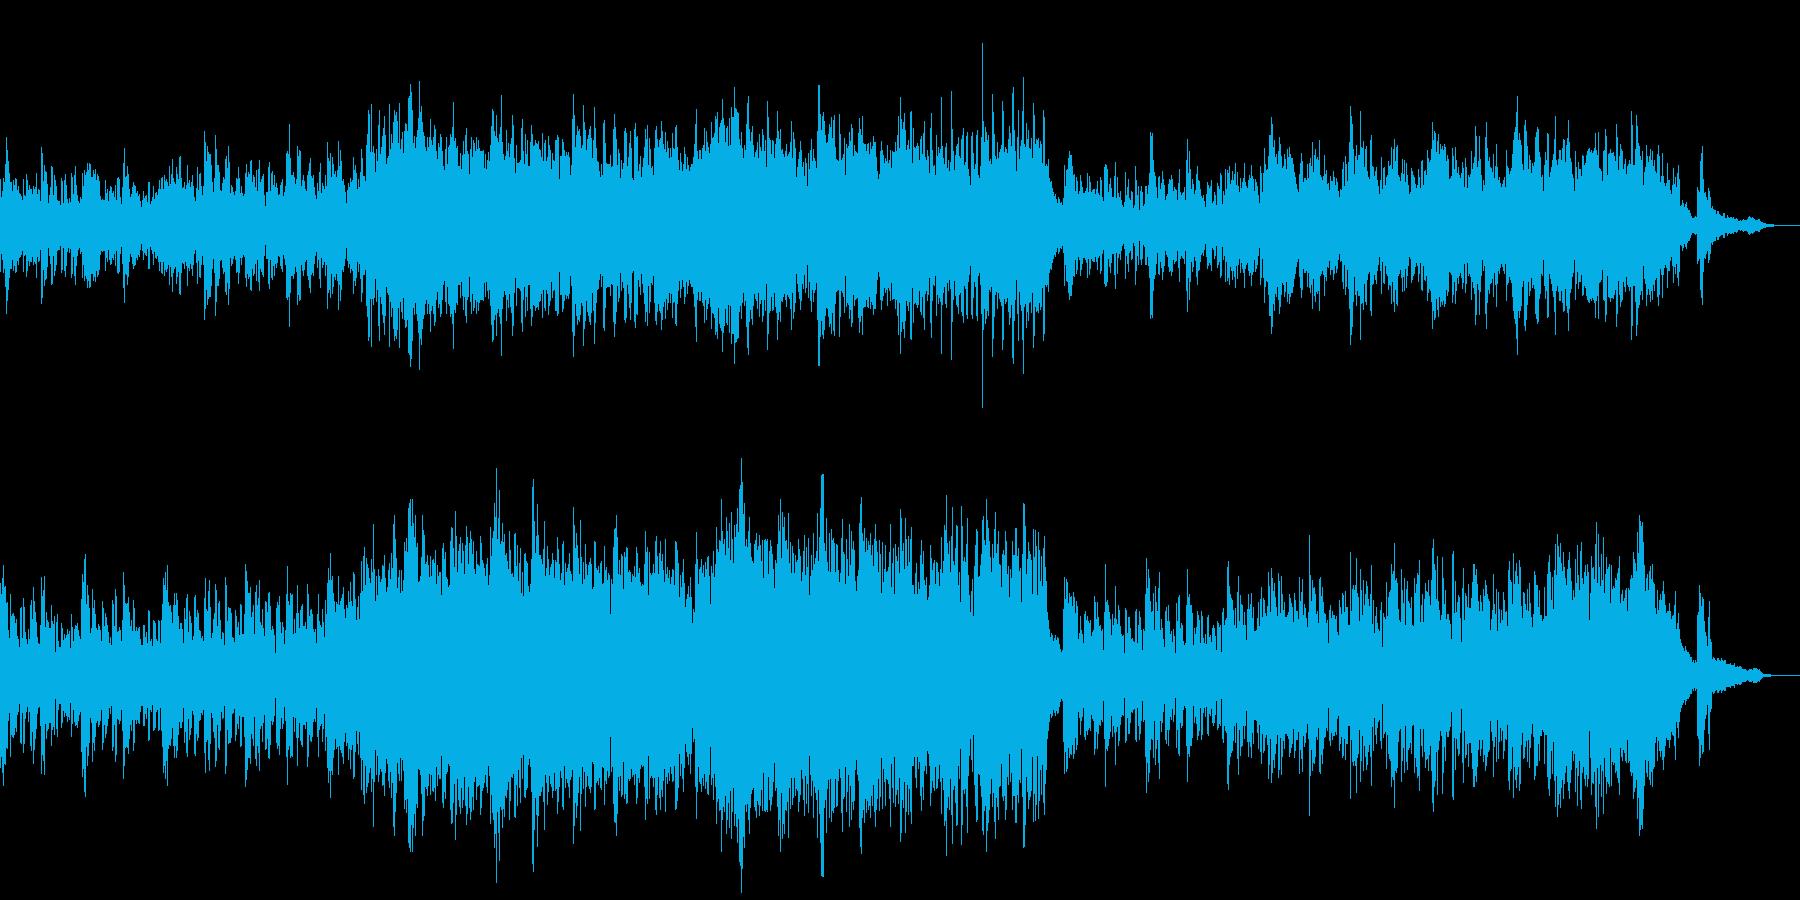 ピアノソロ 清らか 神秘的 水の流れの再生済みの波形